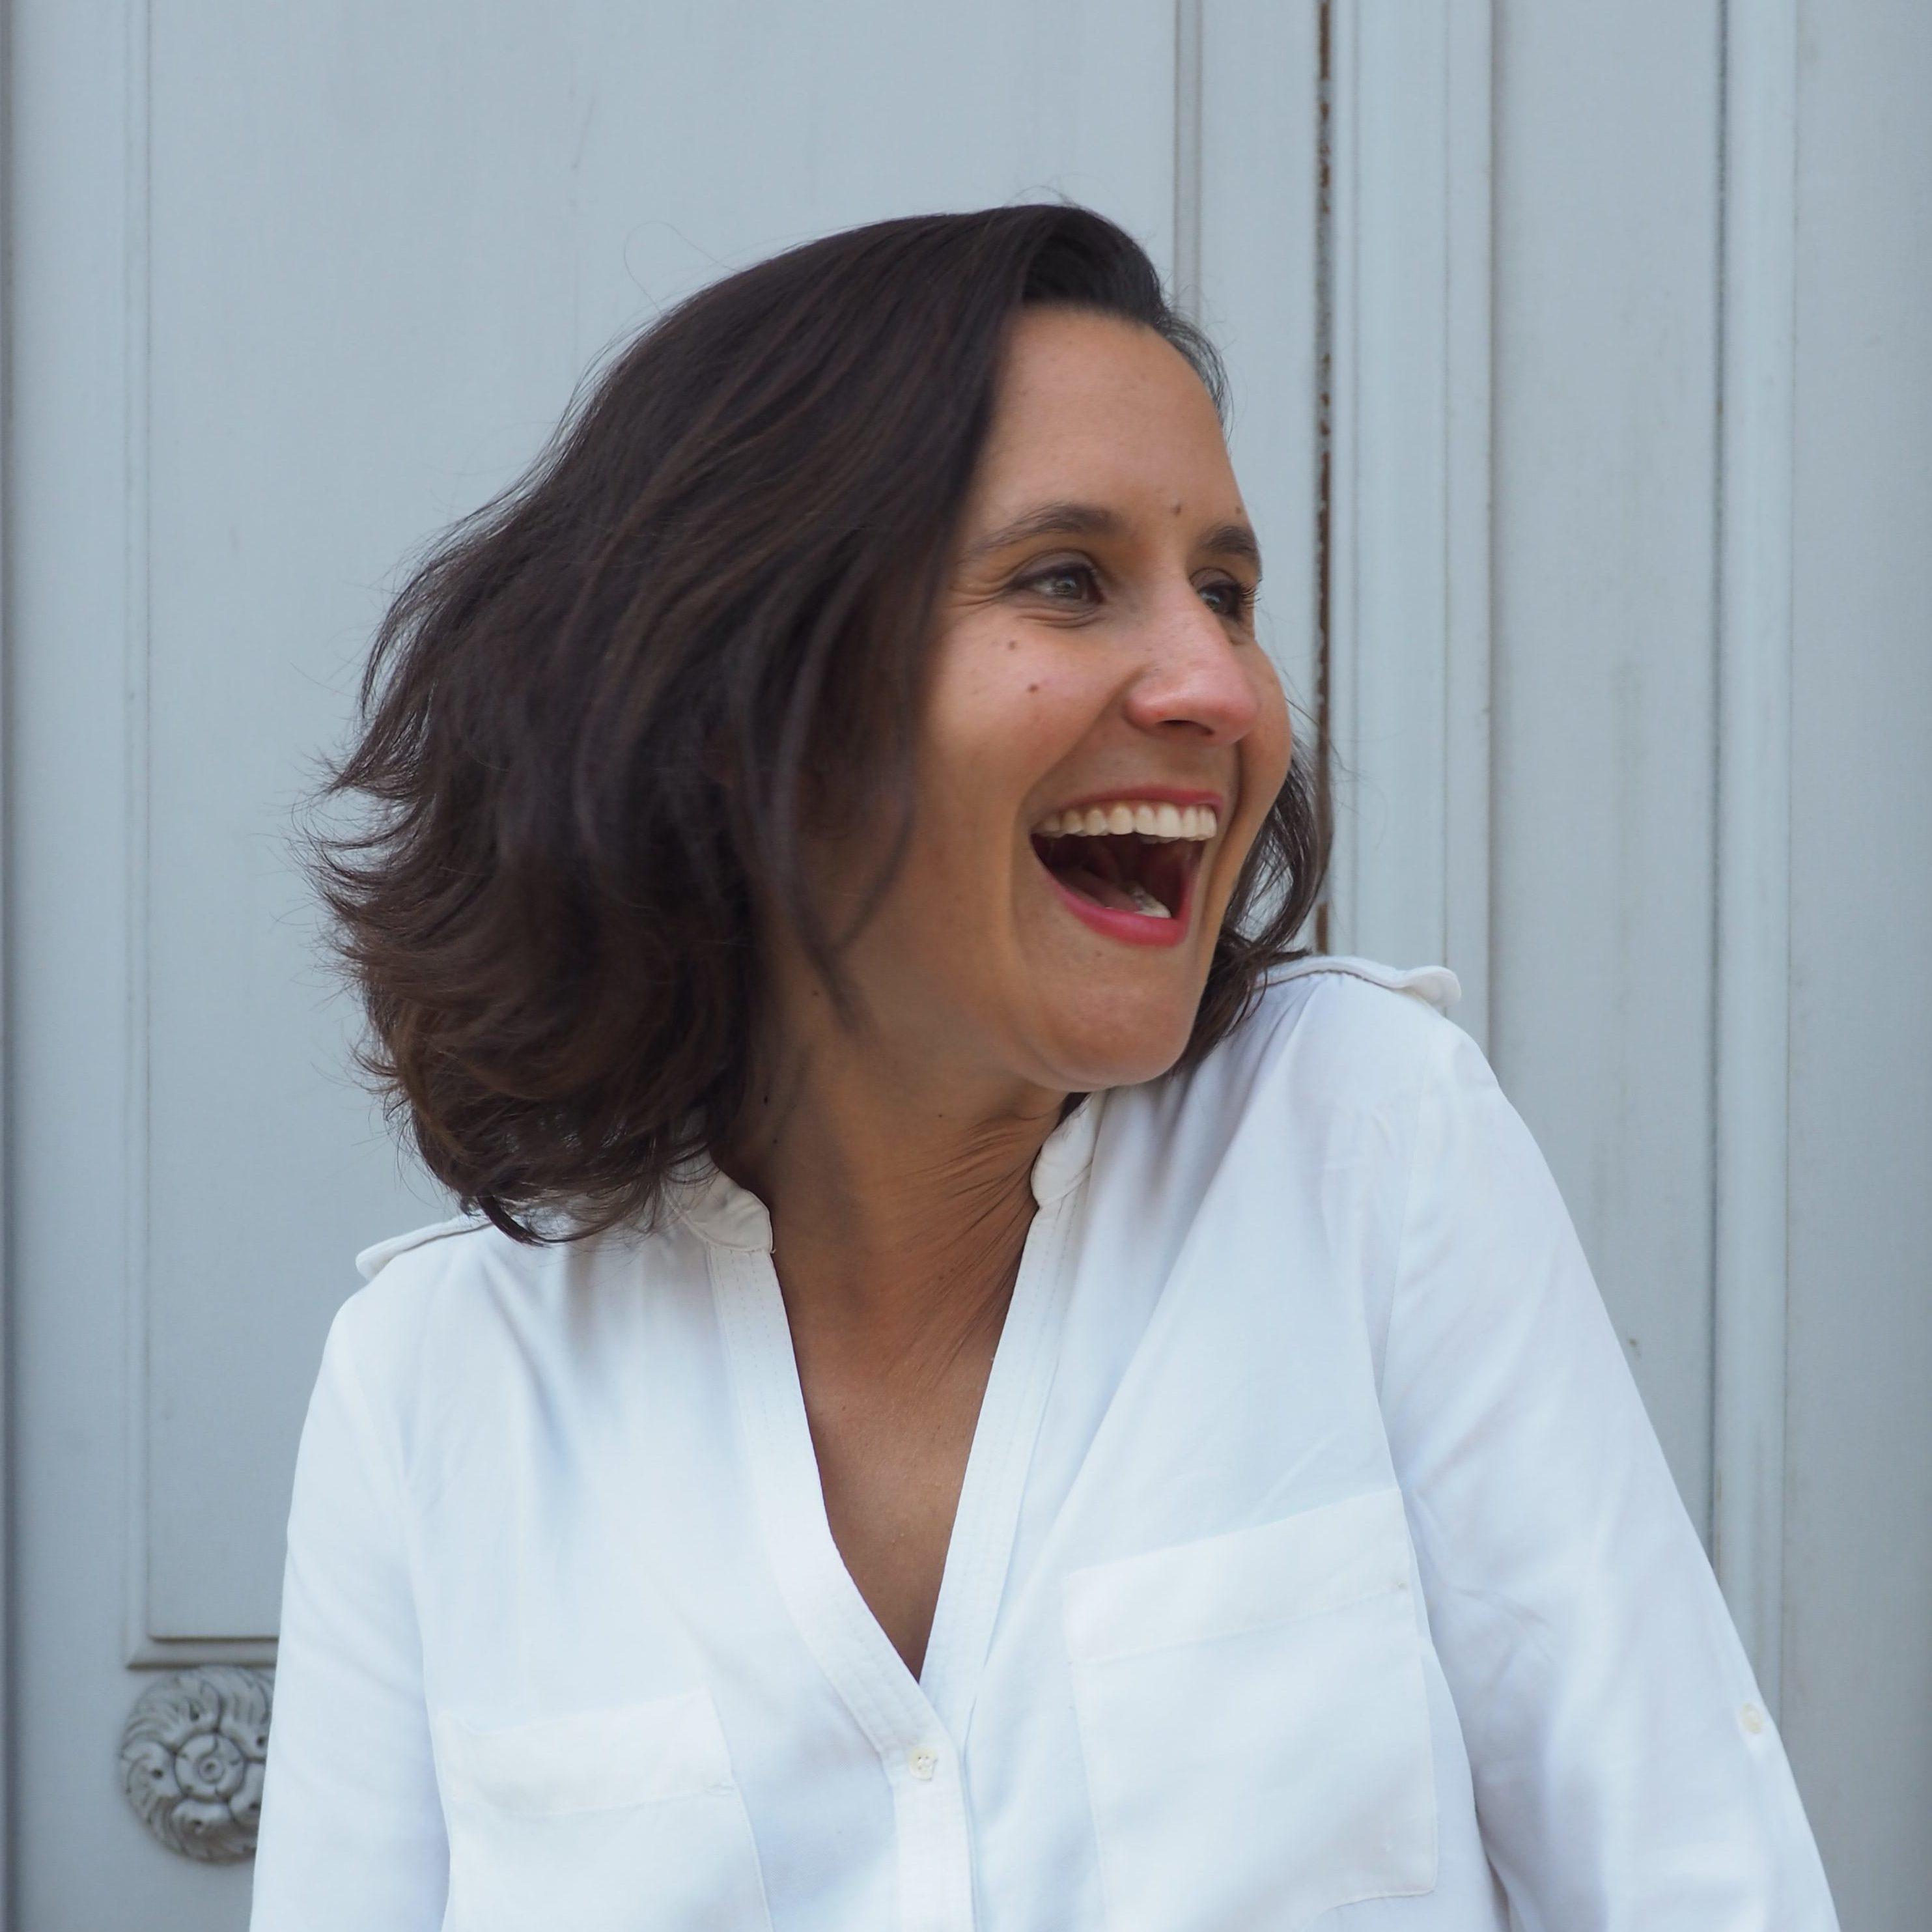 Aurélie Kalt sourire